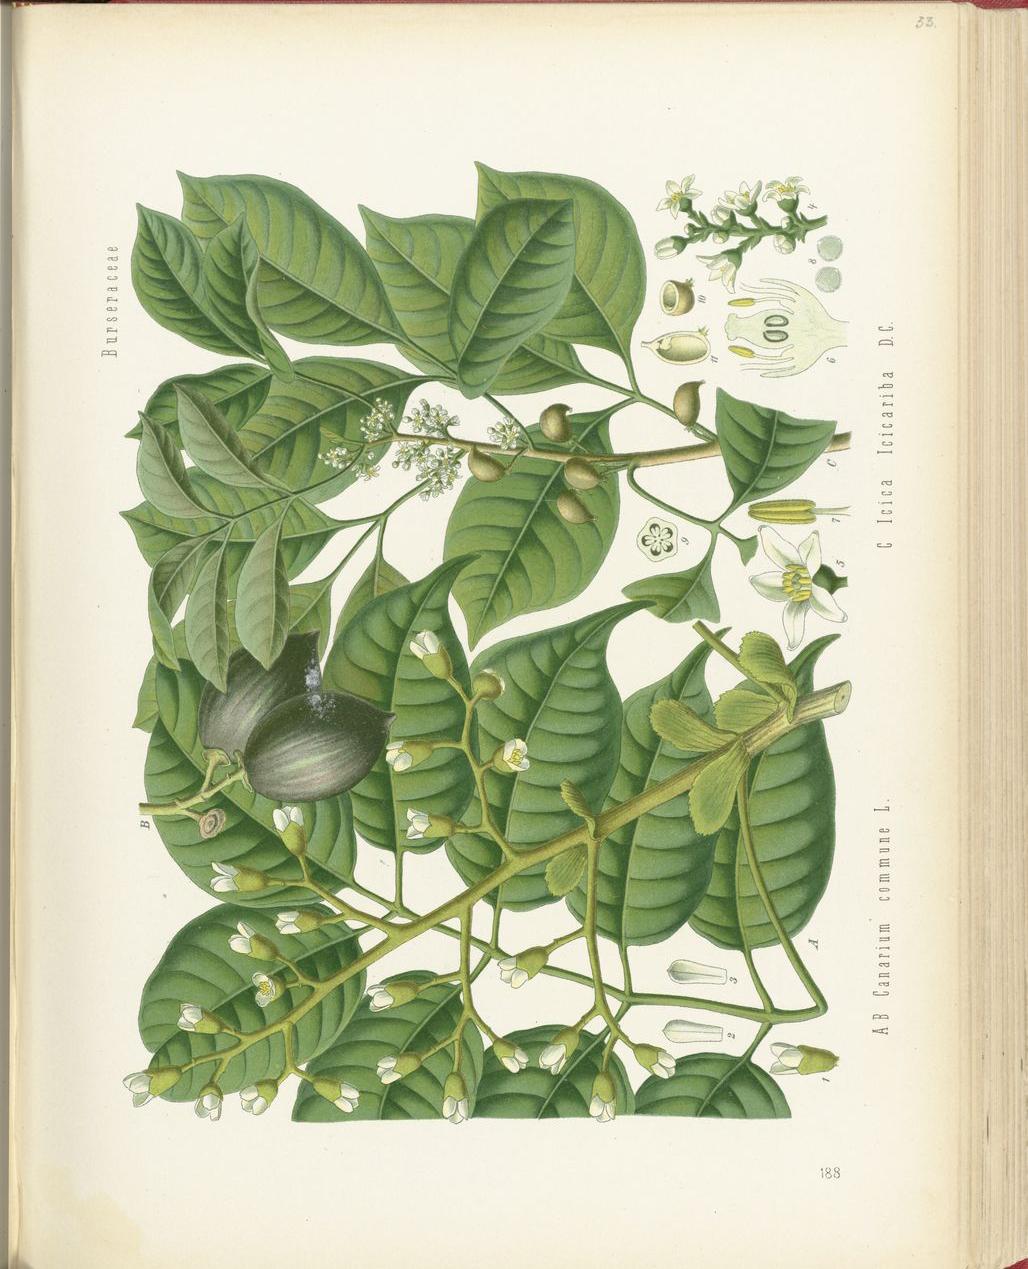 Java-Almond-plant-illustration